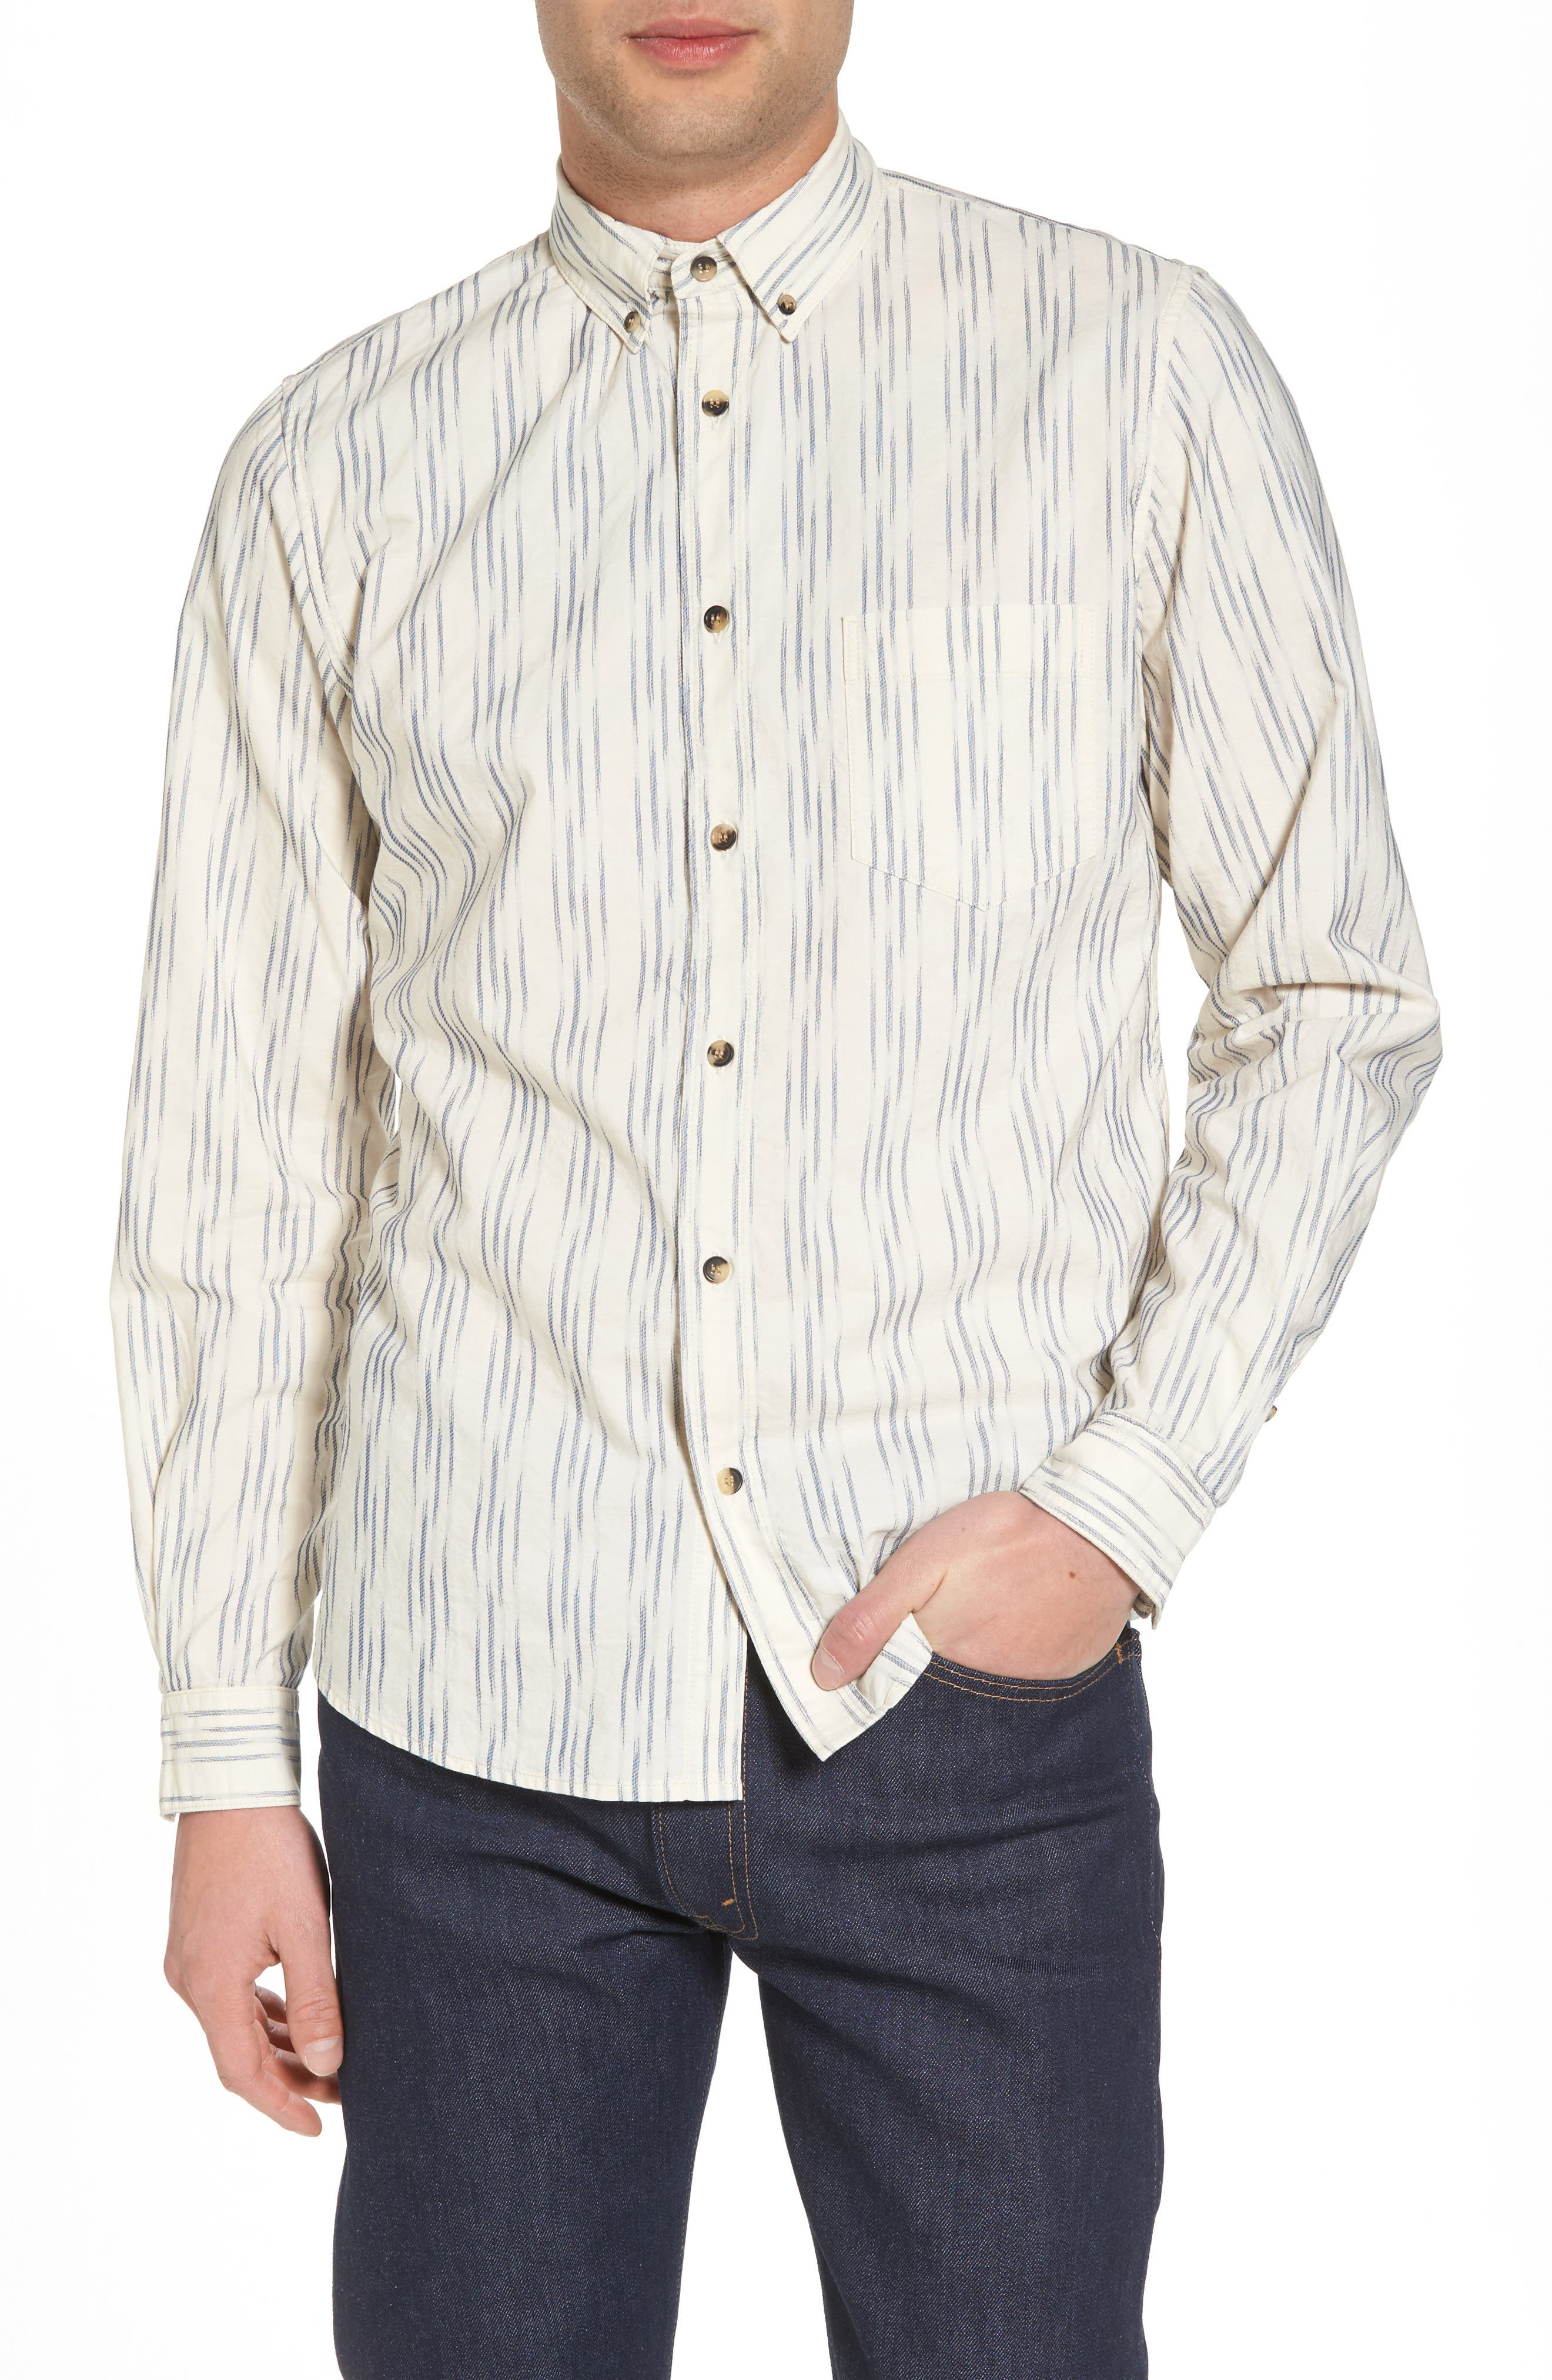 Regular Fit Sport Shirt,                             Main thumbnail 1, color,                             Ikat White/Blue